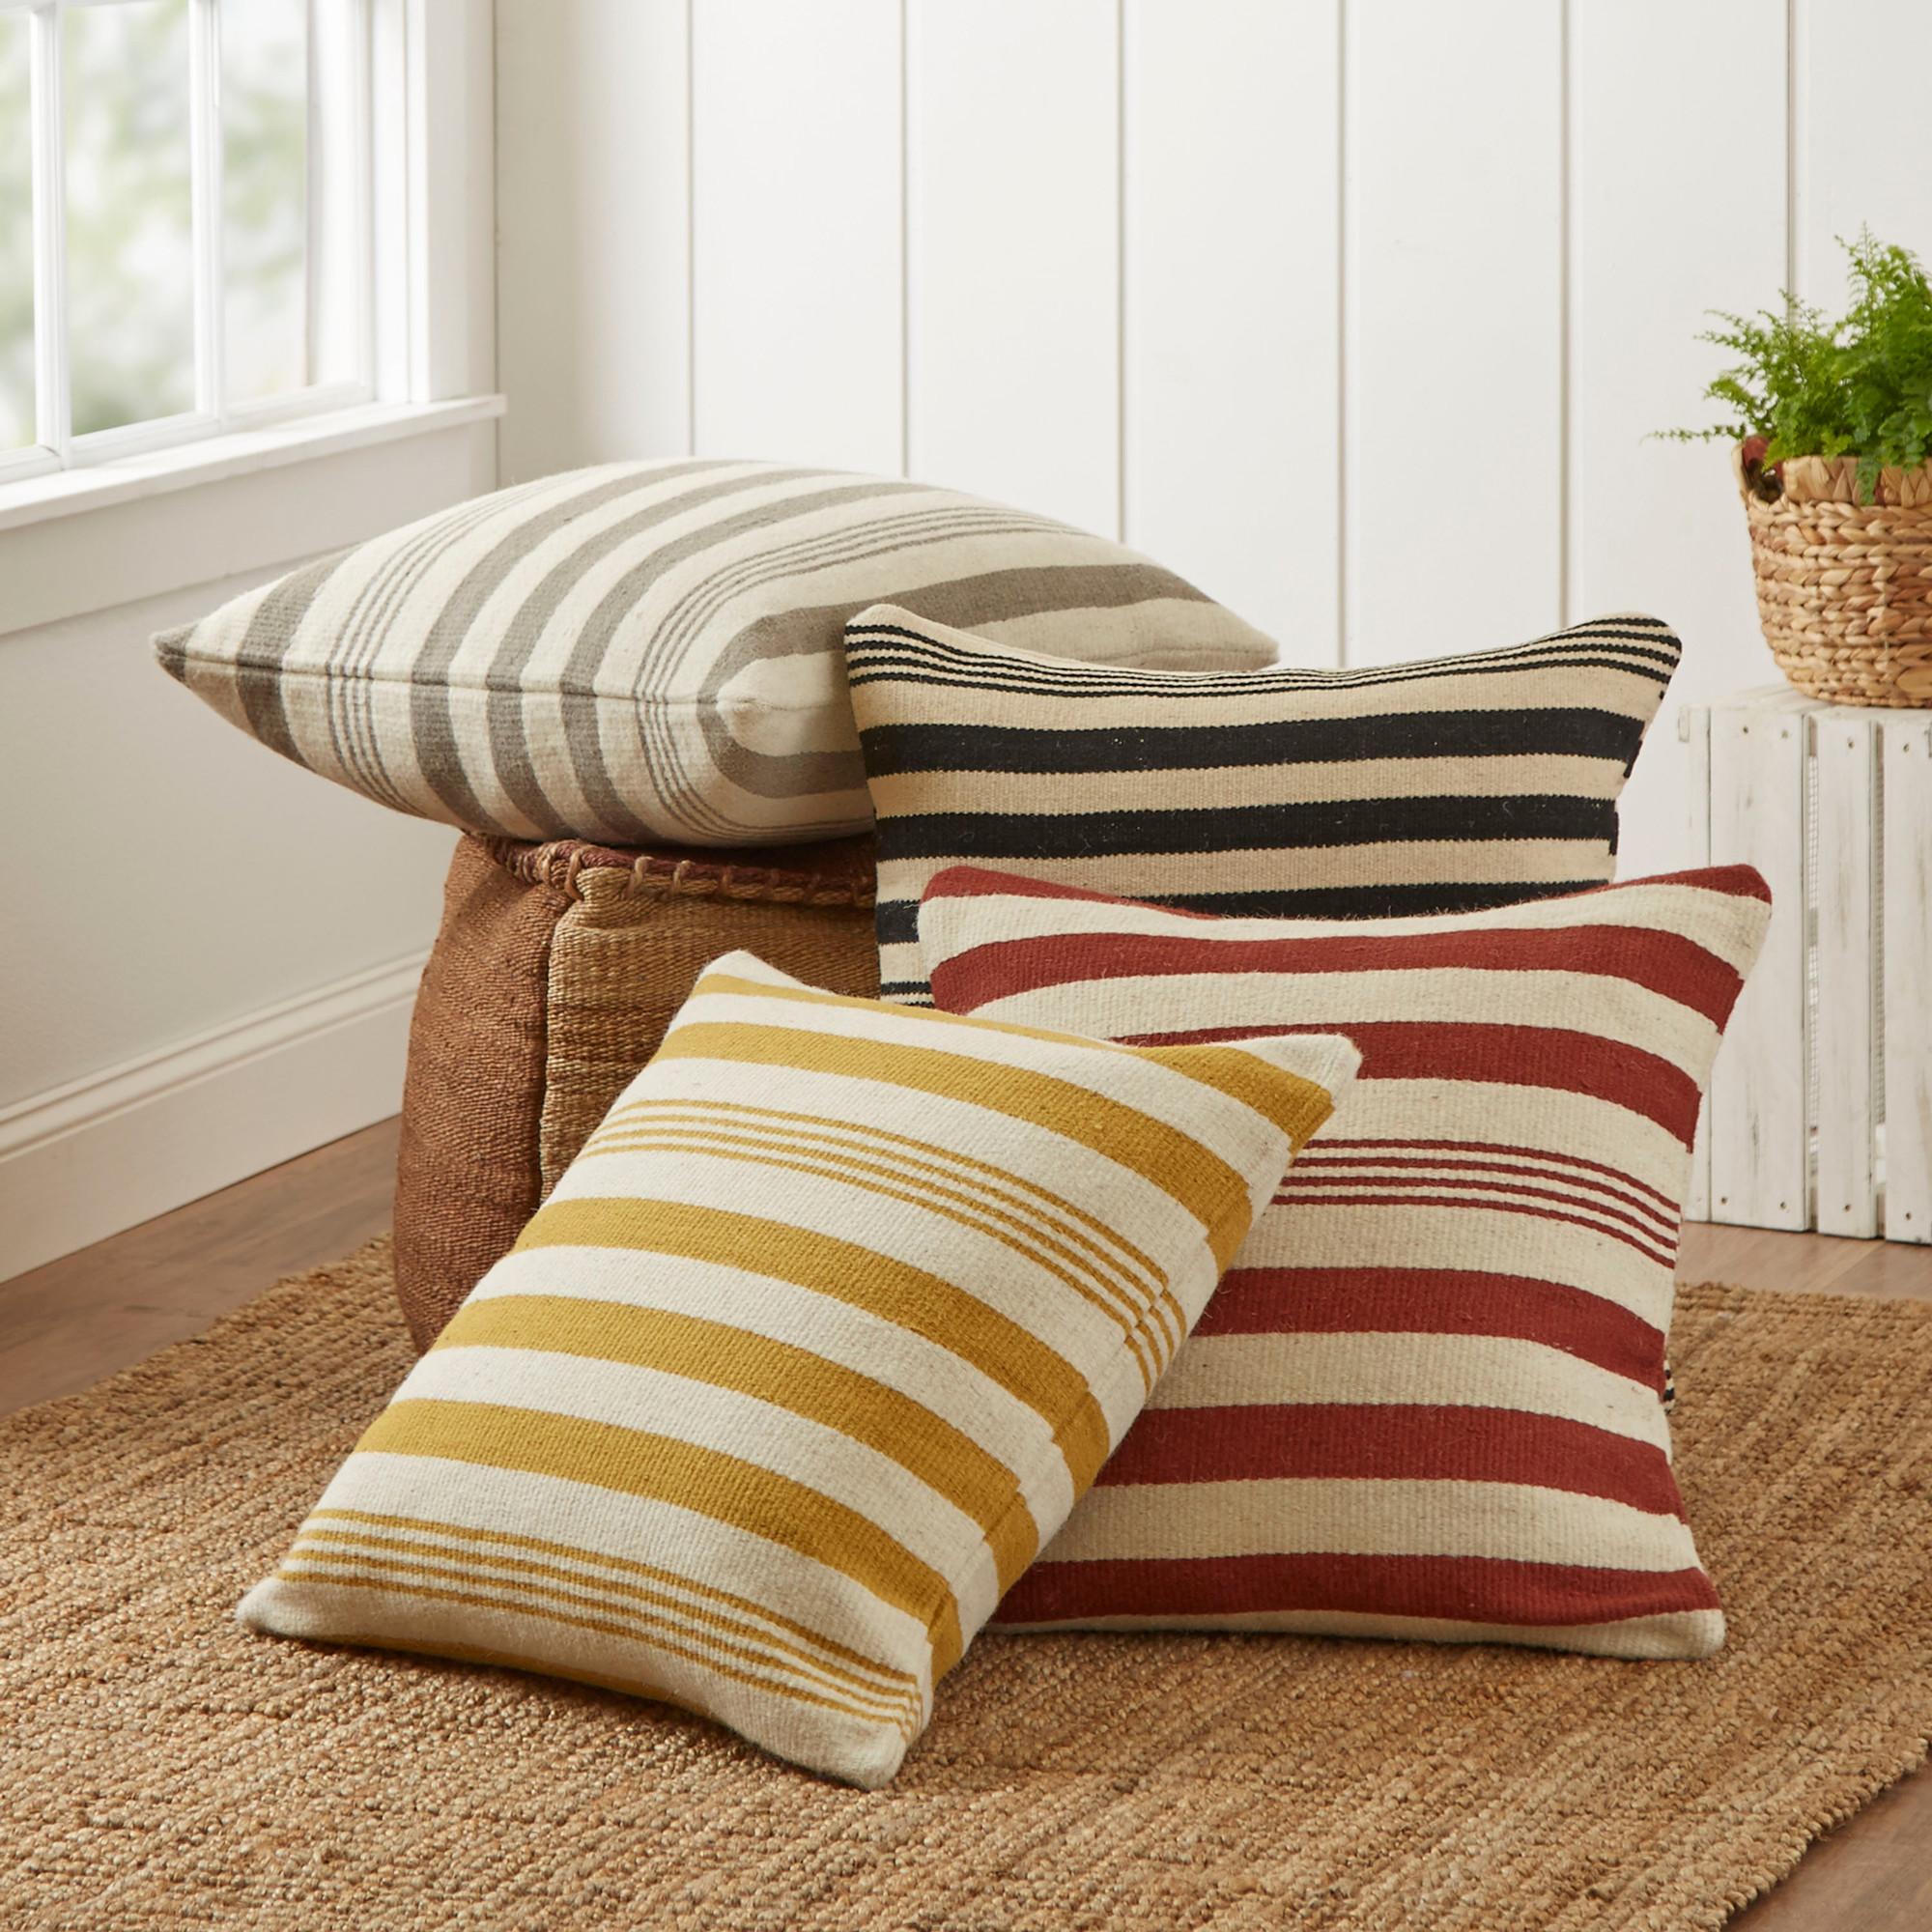 Poduszki wykonane ze starych swetrów